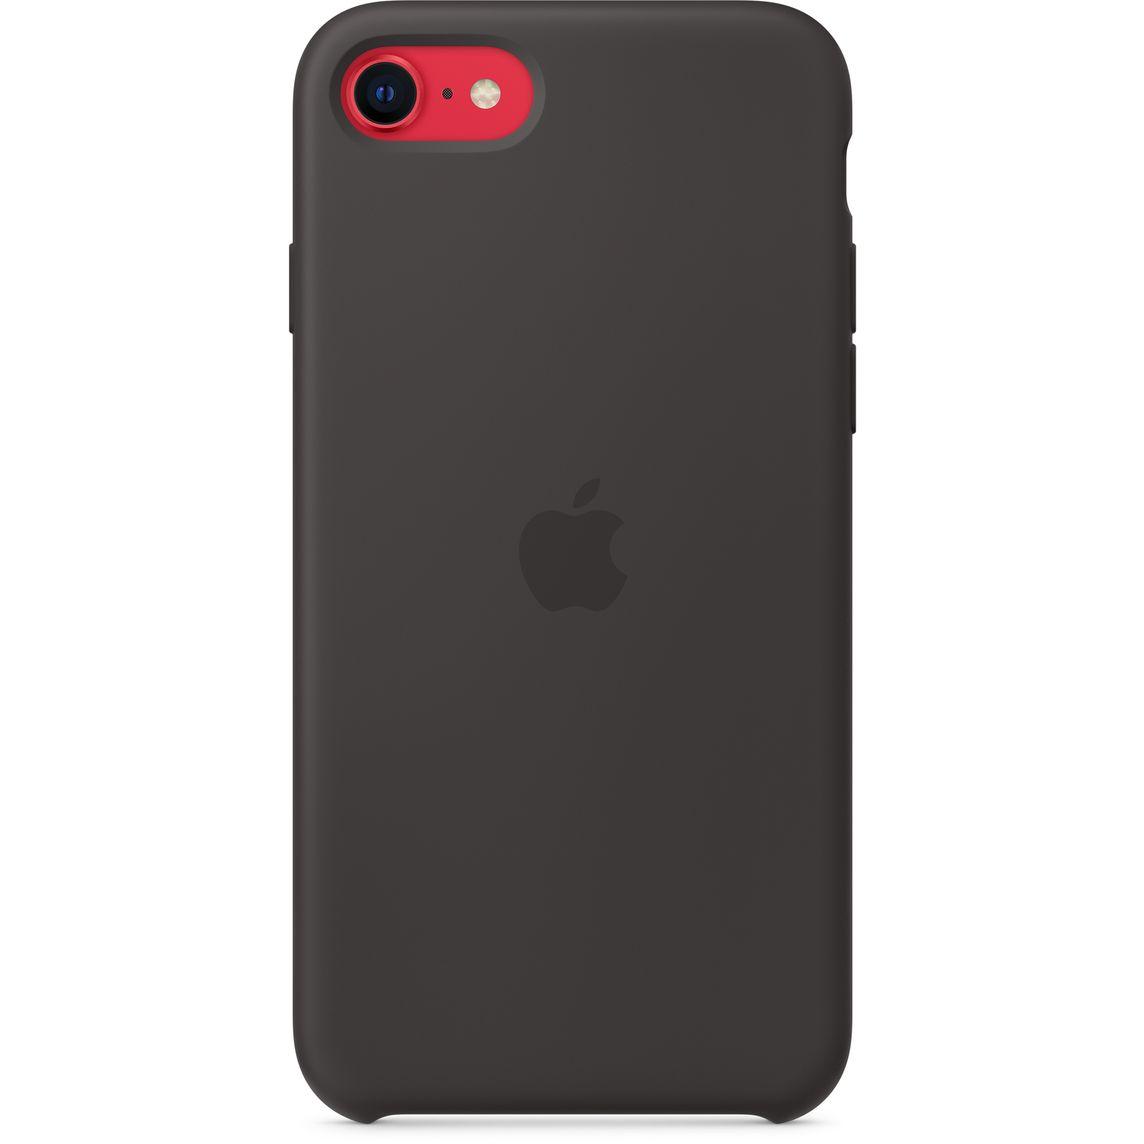 Custodia in silicone per iPhone SE - Nero